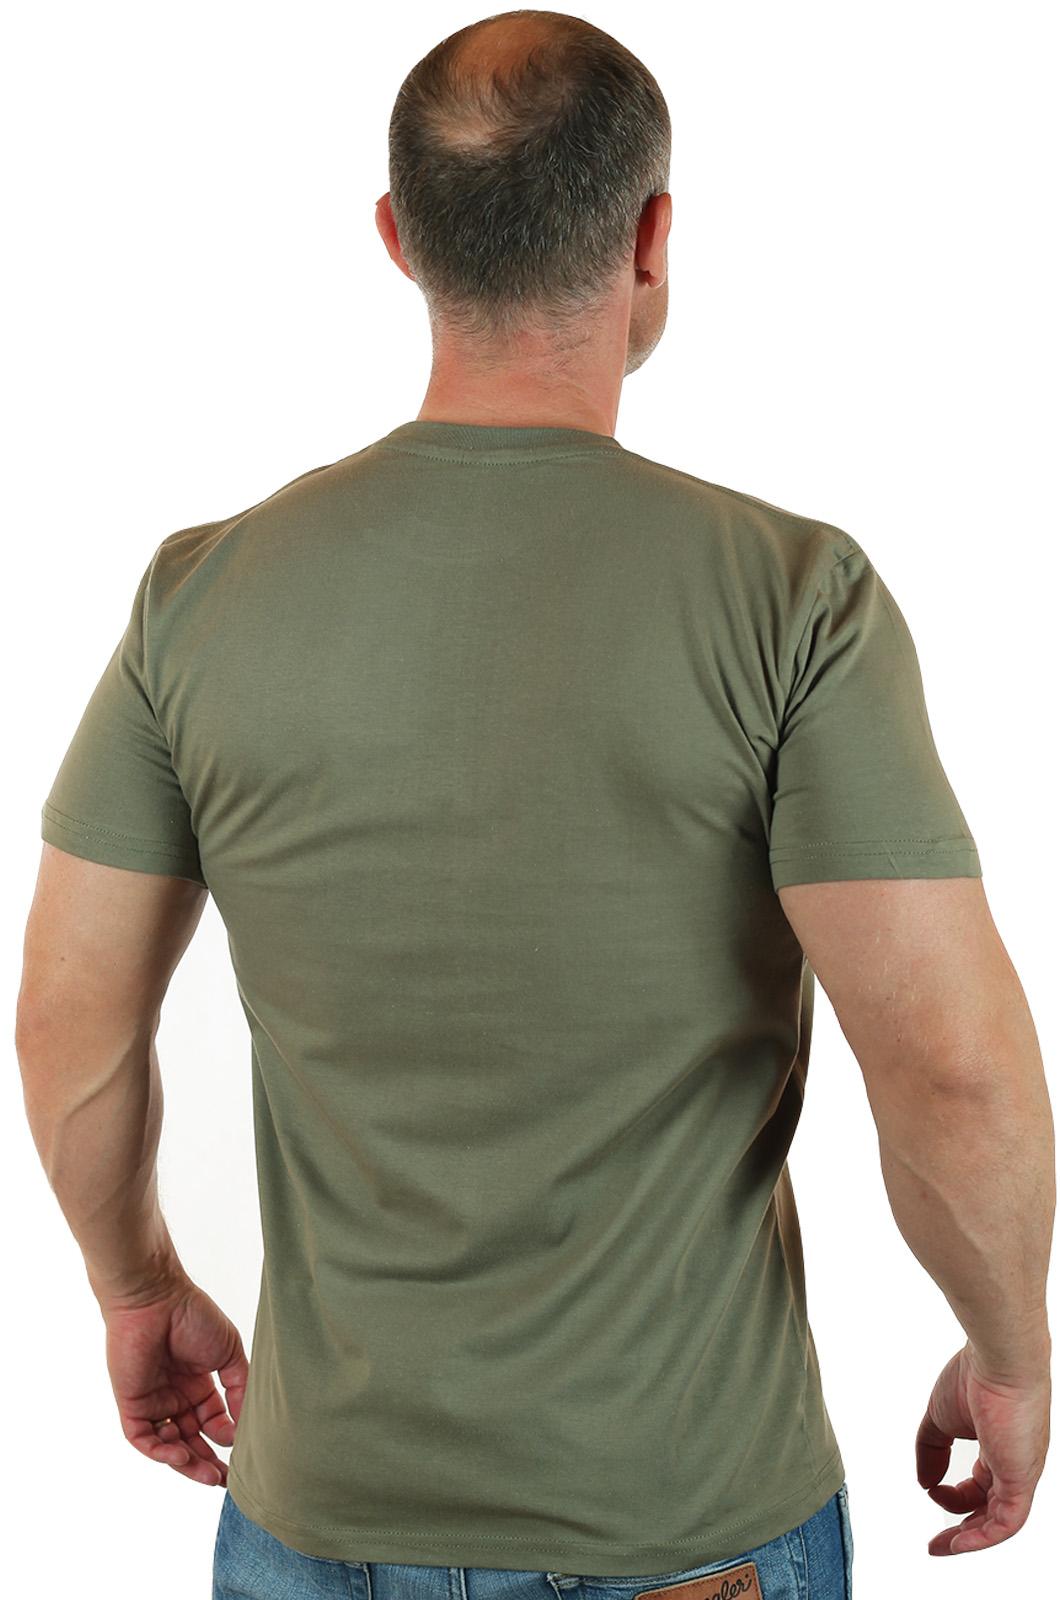 Крутая оливковая футболка РХБЗ - купить с доставкой